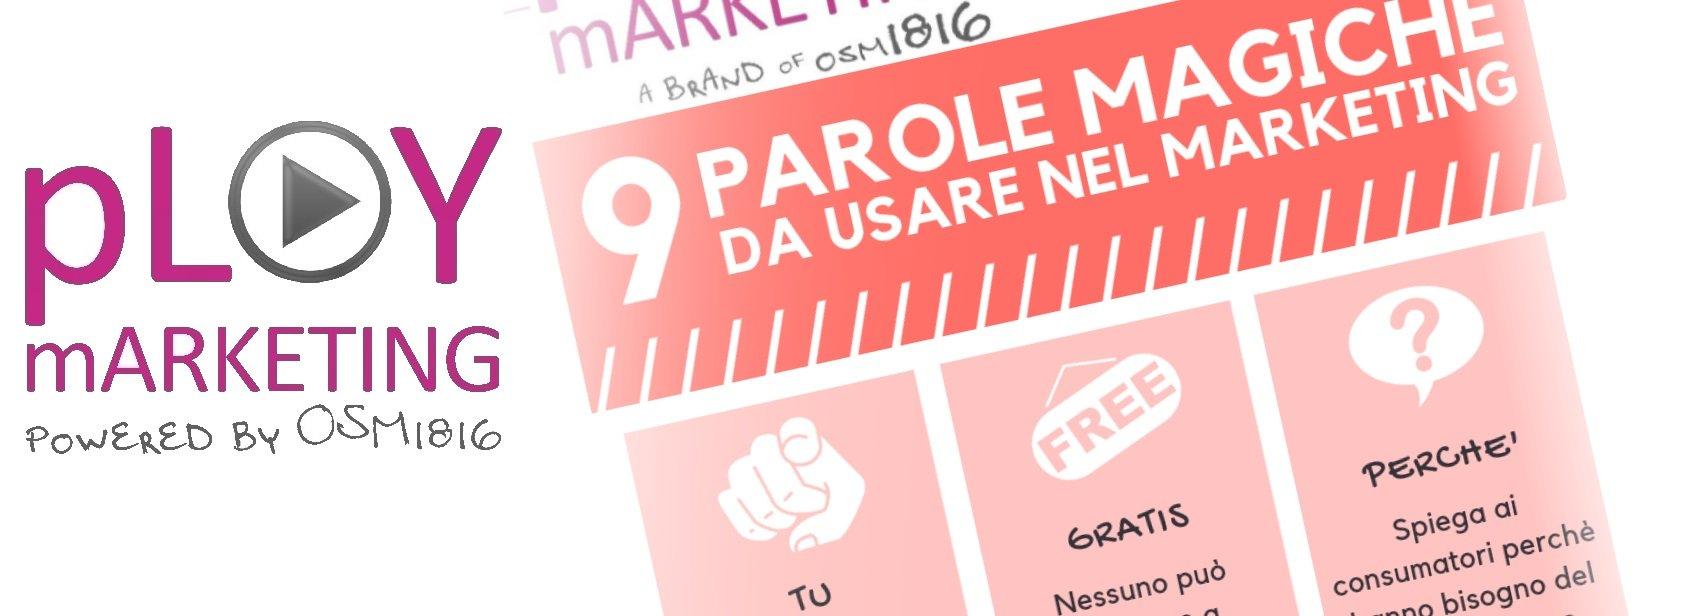 Infografica: 9 parole magiche da usare nel marketing!